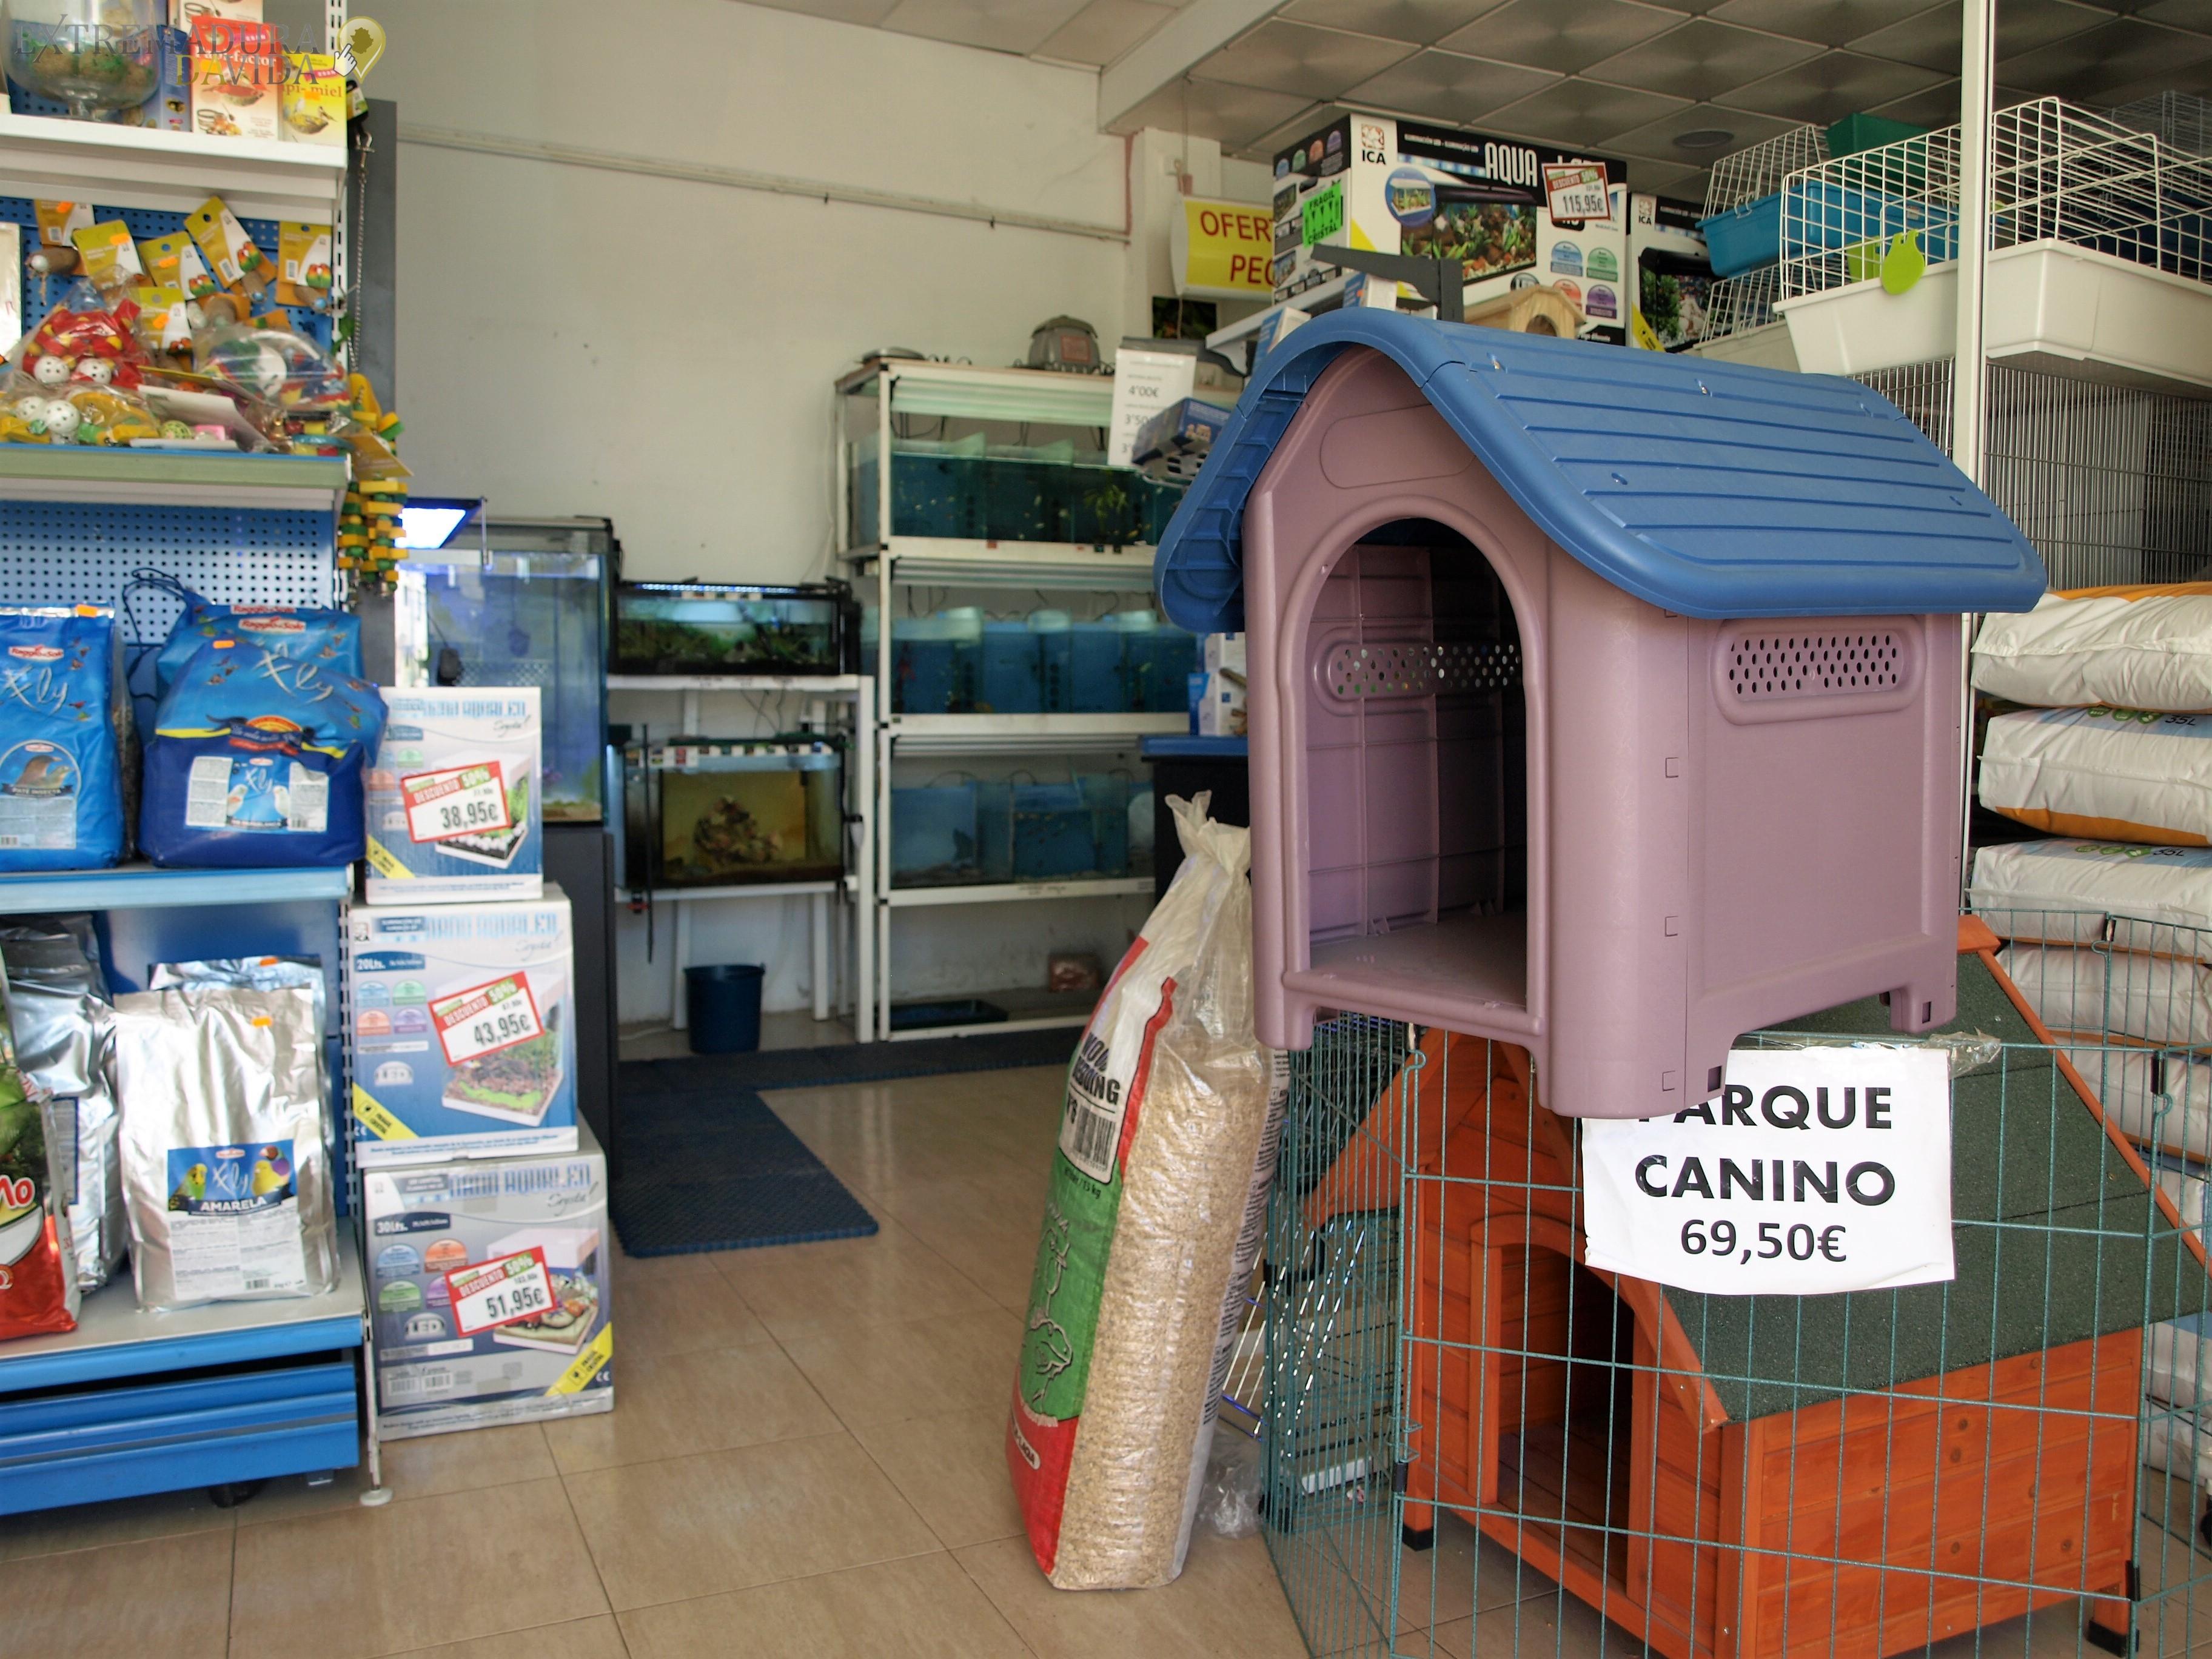 Tienda De Animales En Almendralejo Piensos y Mascotas